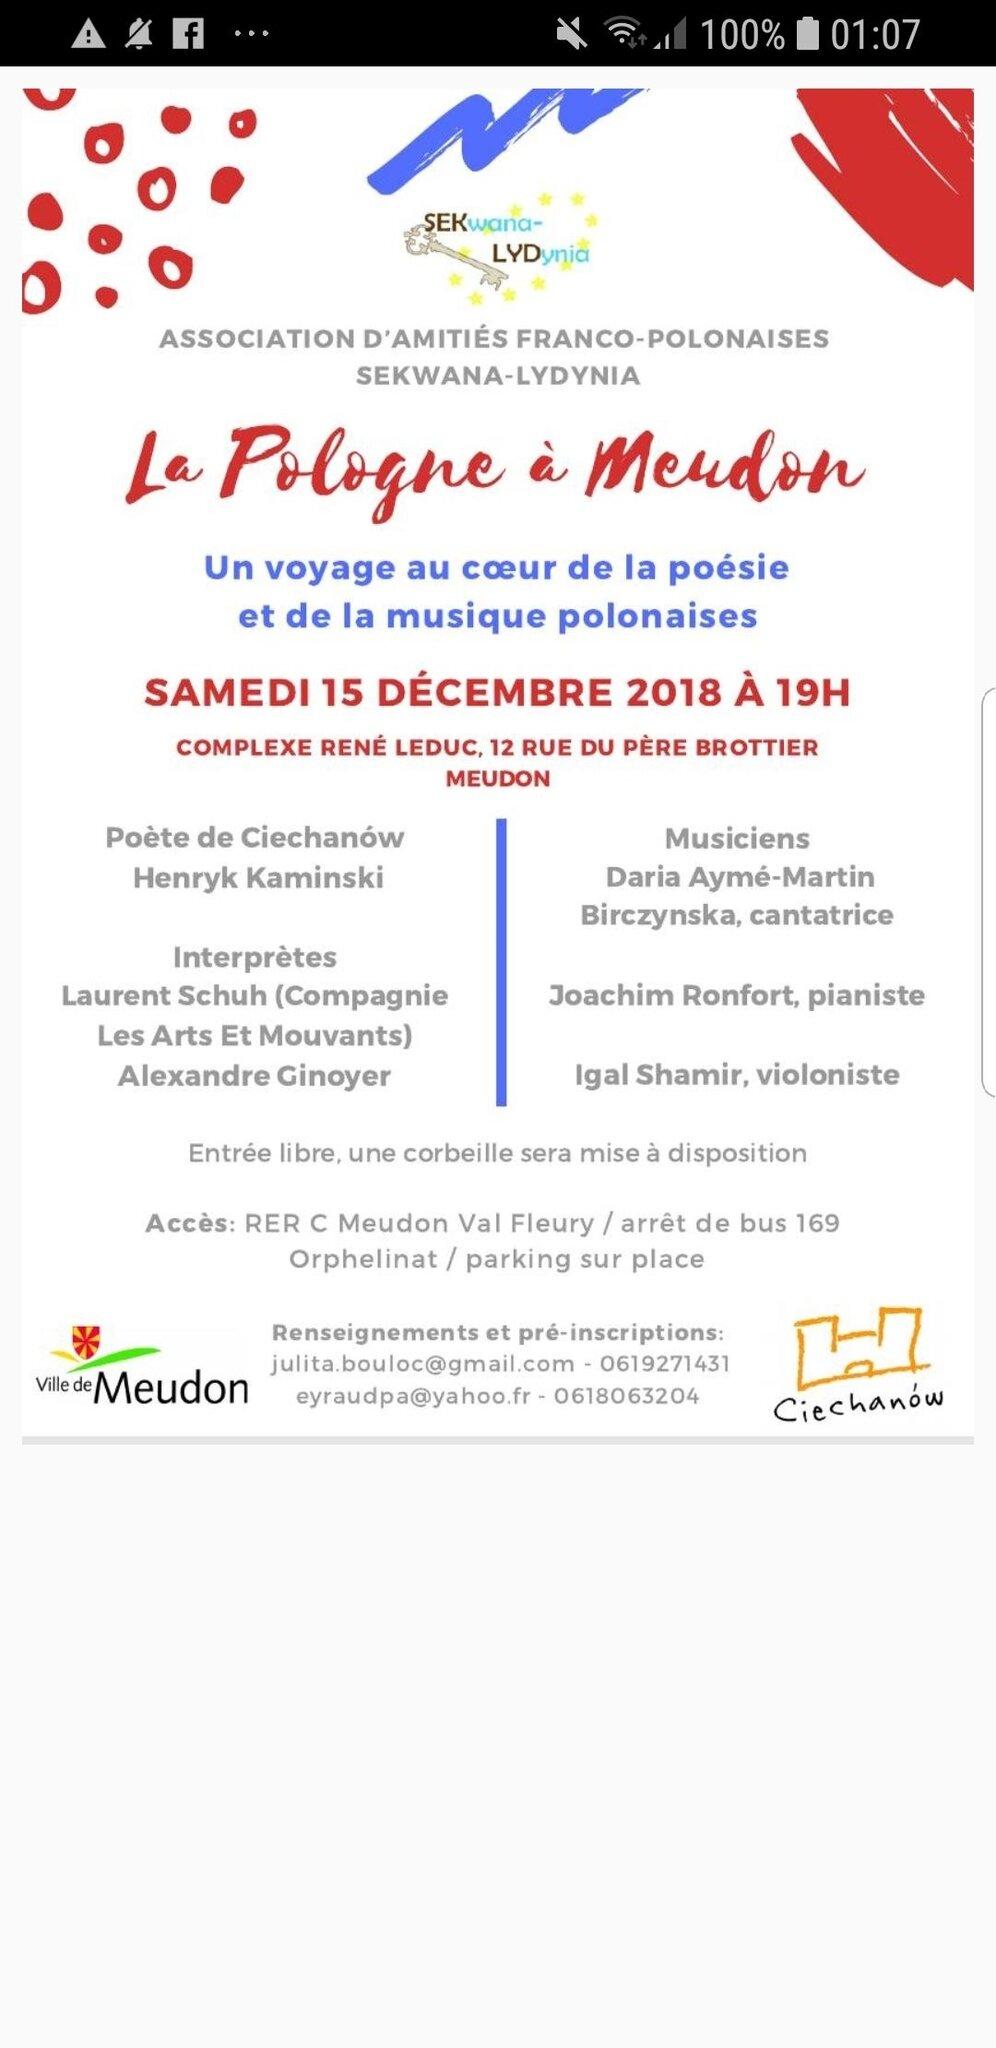 Invitation à une soirée musique et poésie polonaises le 15 décembre à Meudon avec Joachim Ronfort et autres artistes